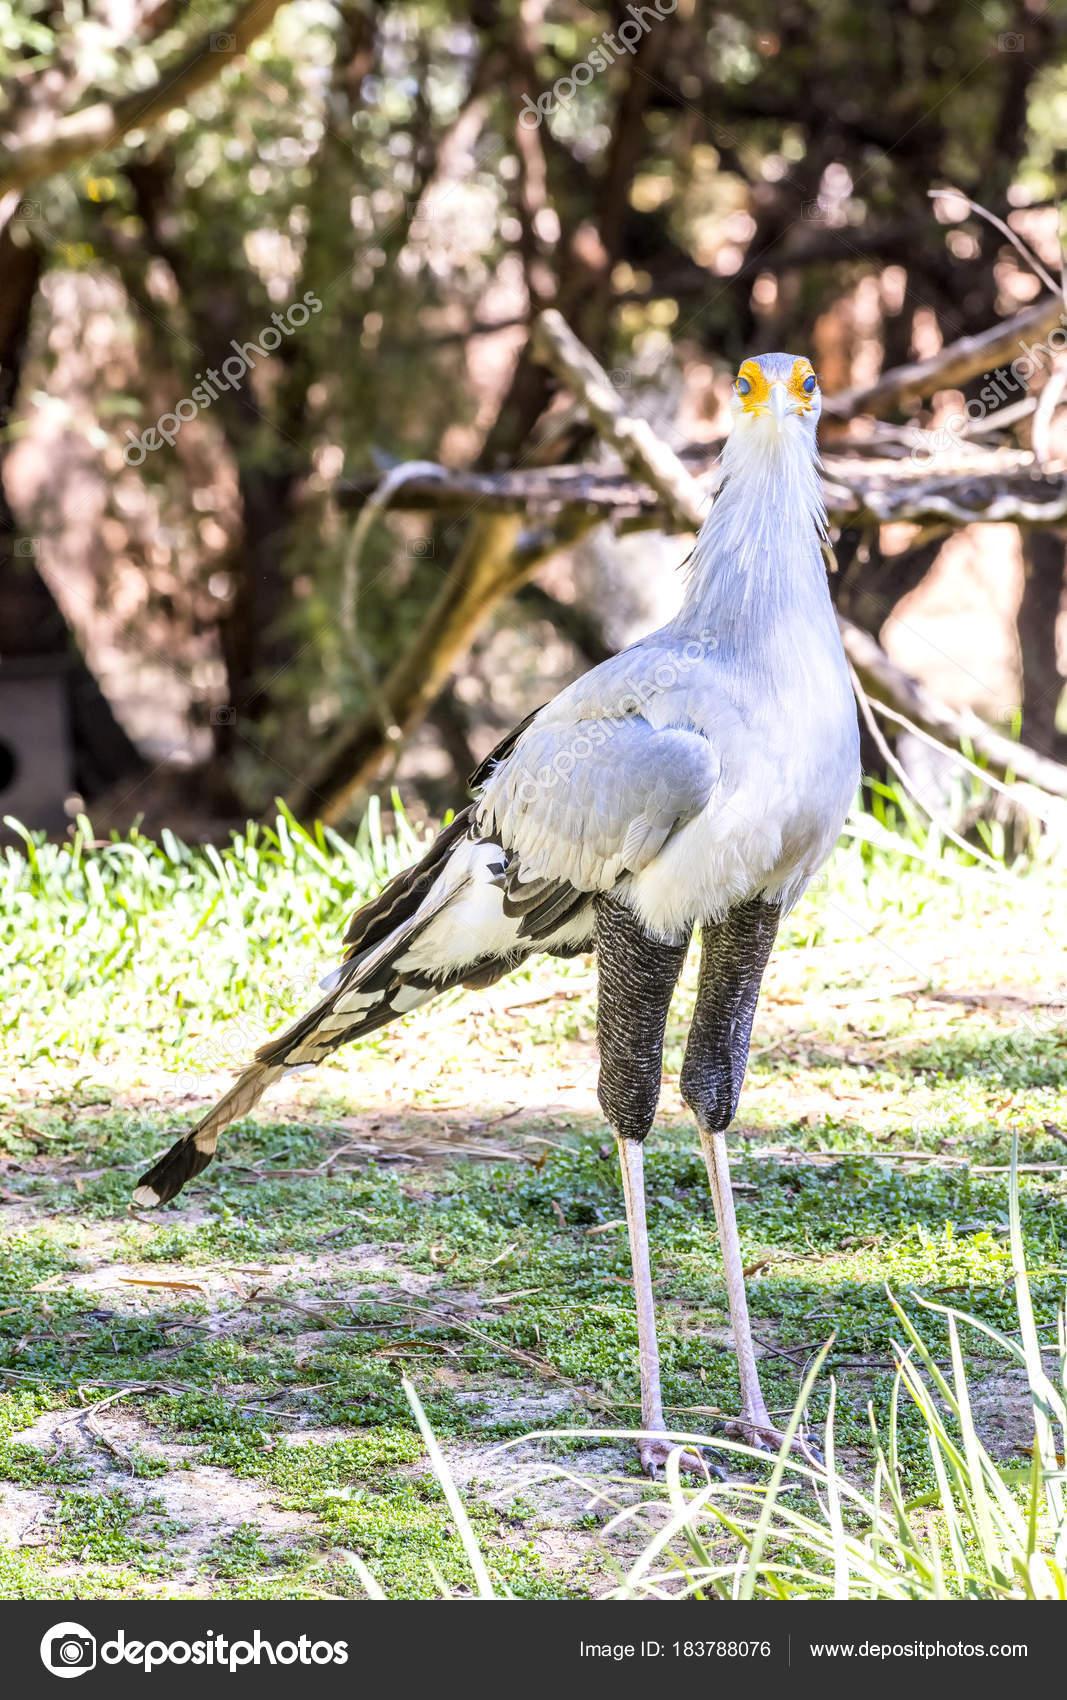 δωρεάν μεγάλο πουλί φωτογραφίες